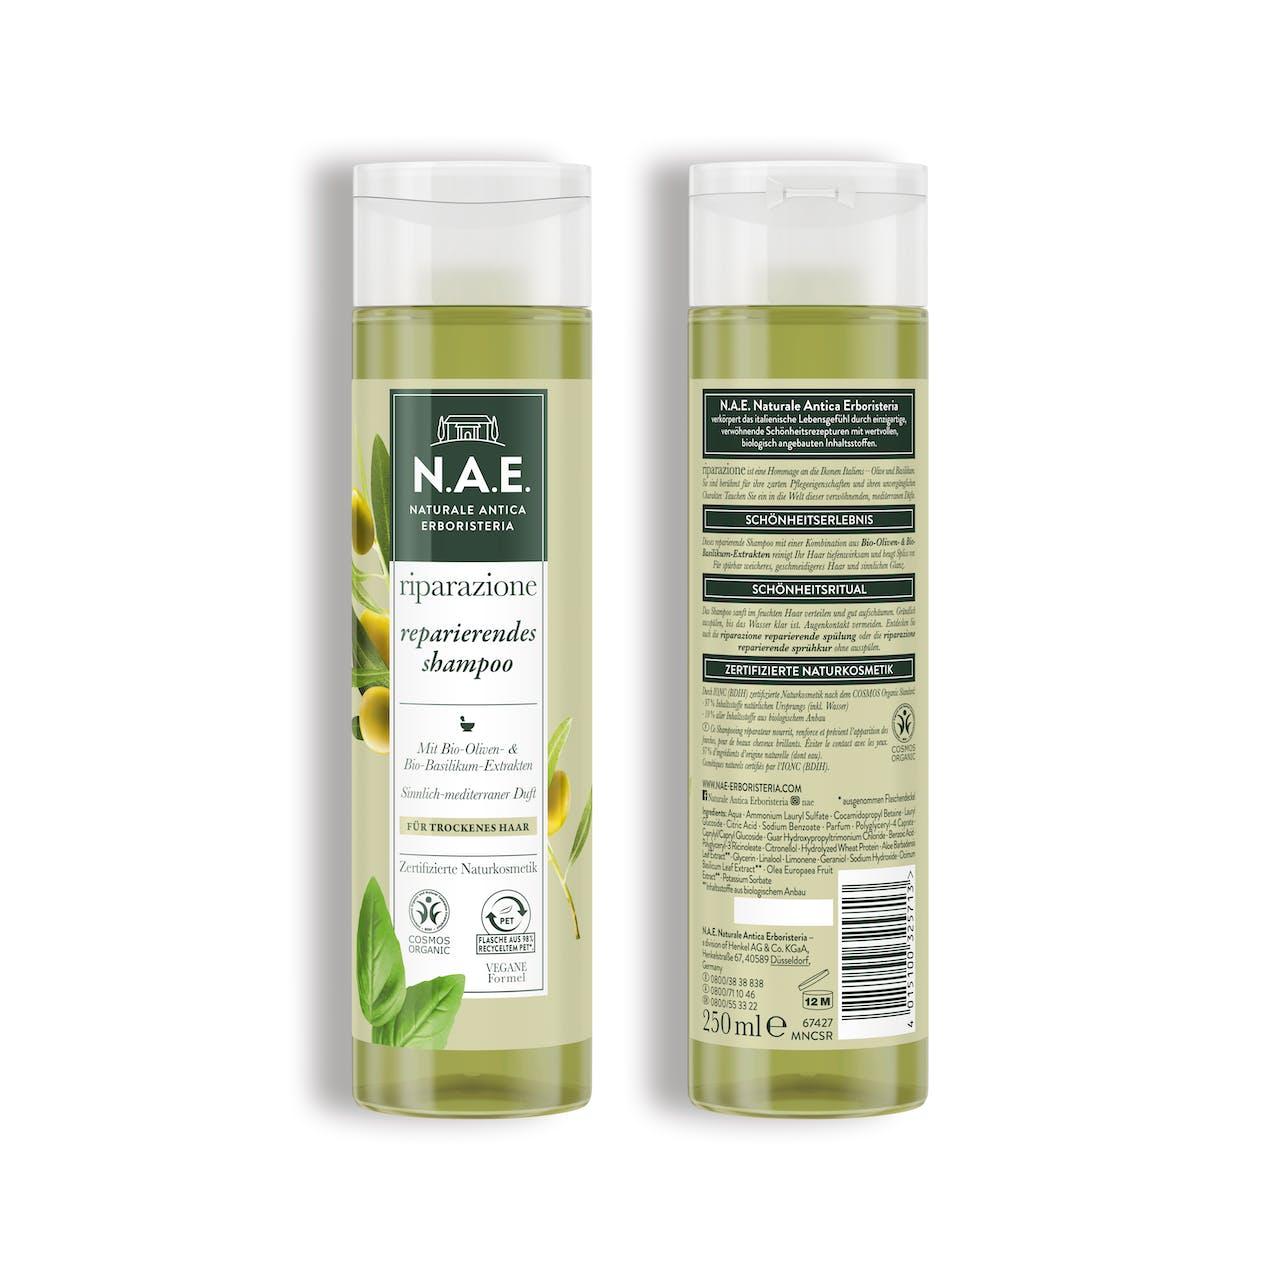 riparazione reparierendes shampoo 250ml